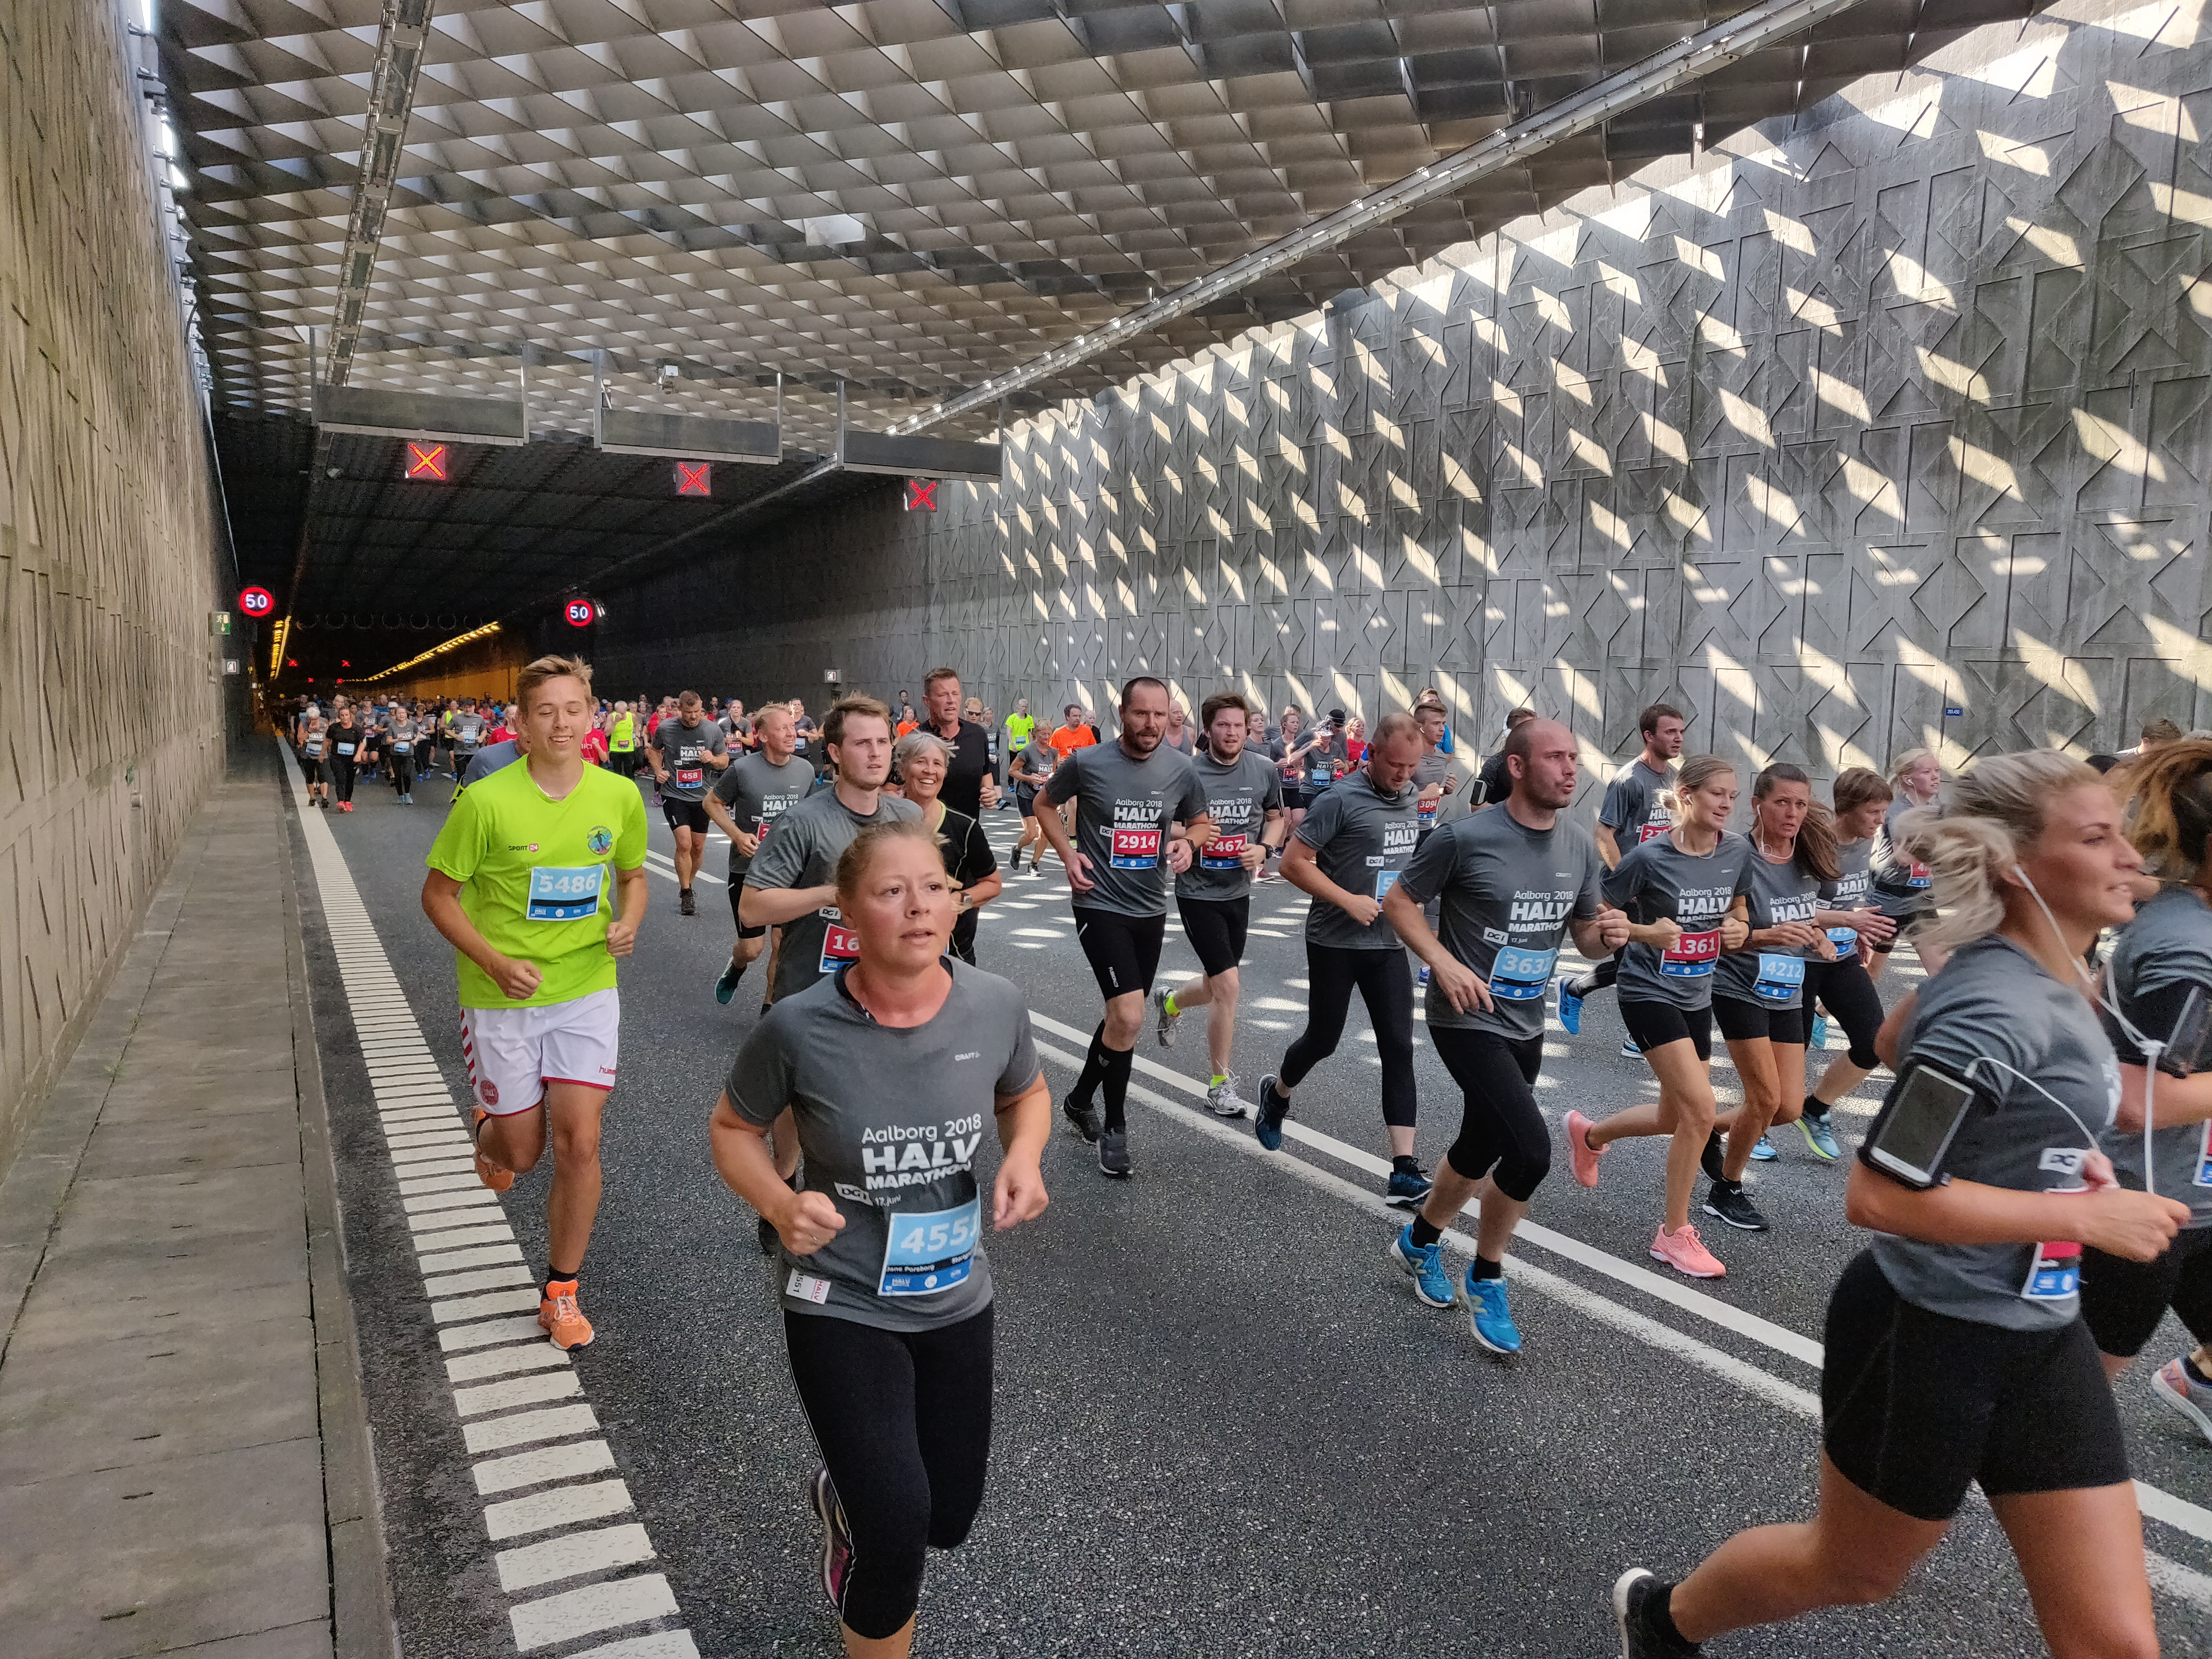 billeder aalborg halvmarathon